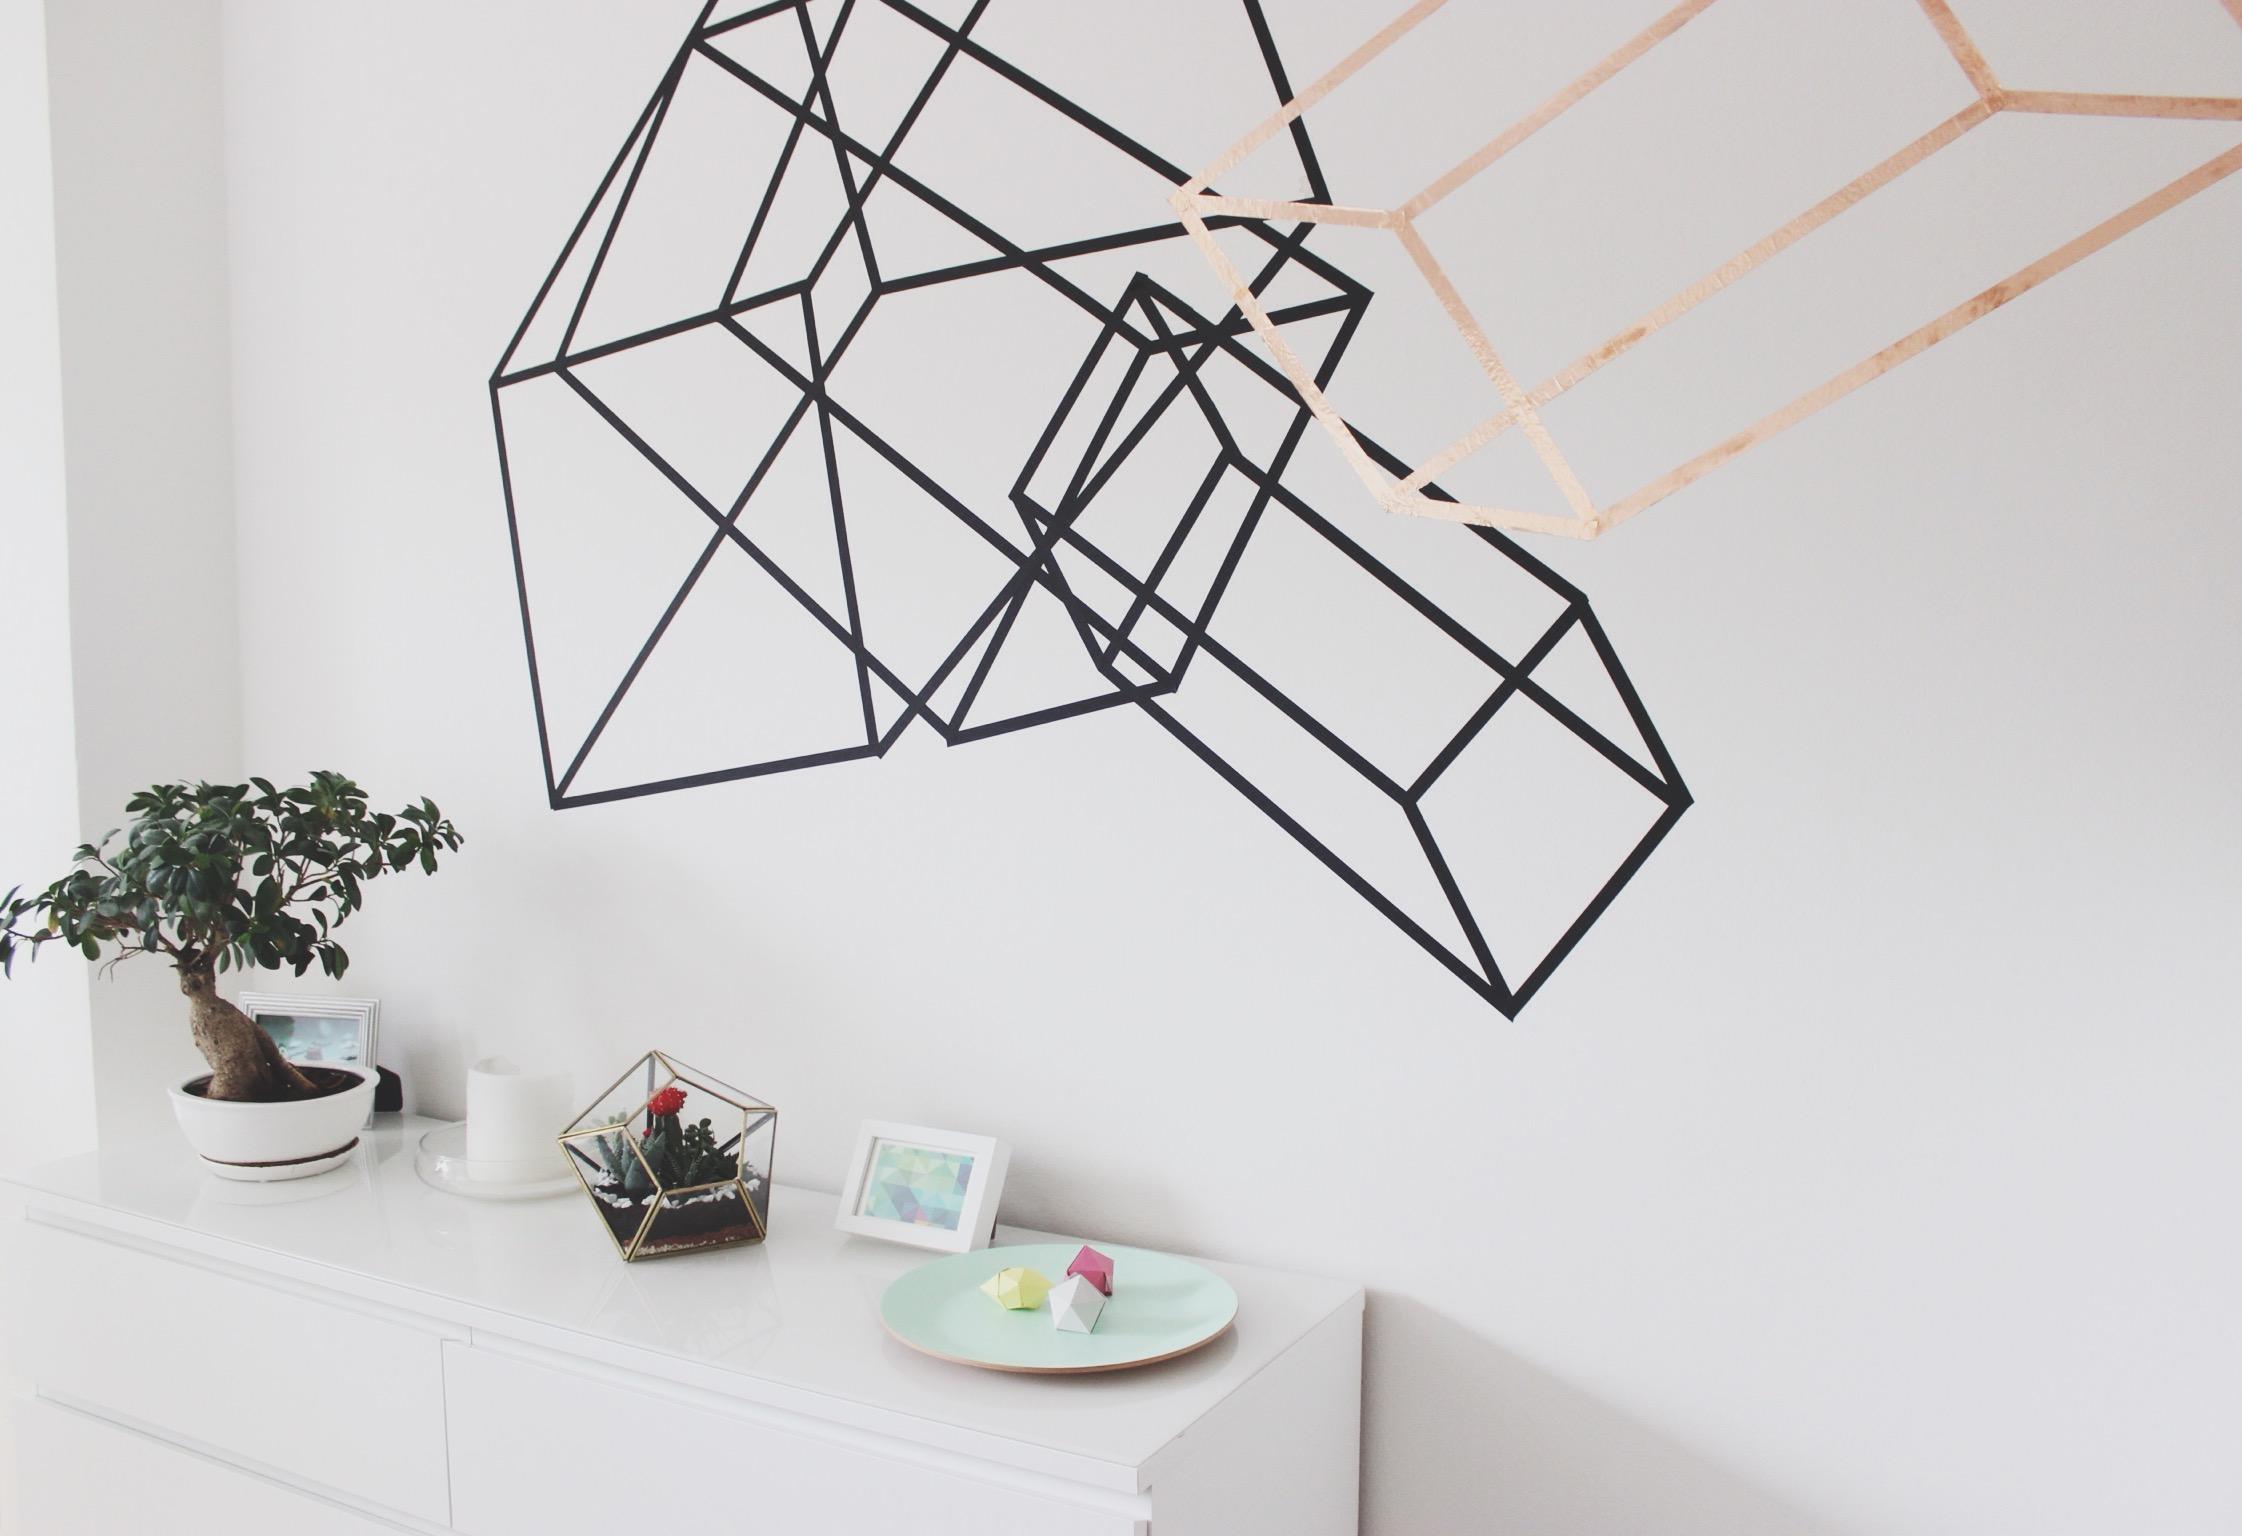 Geometrische formen an die wand malen haus design m bel - Streifen an die wand malen ...